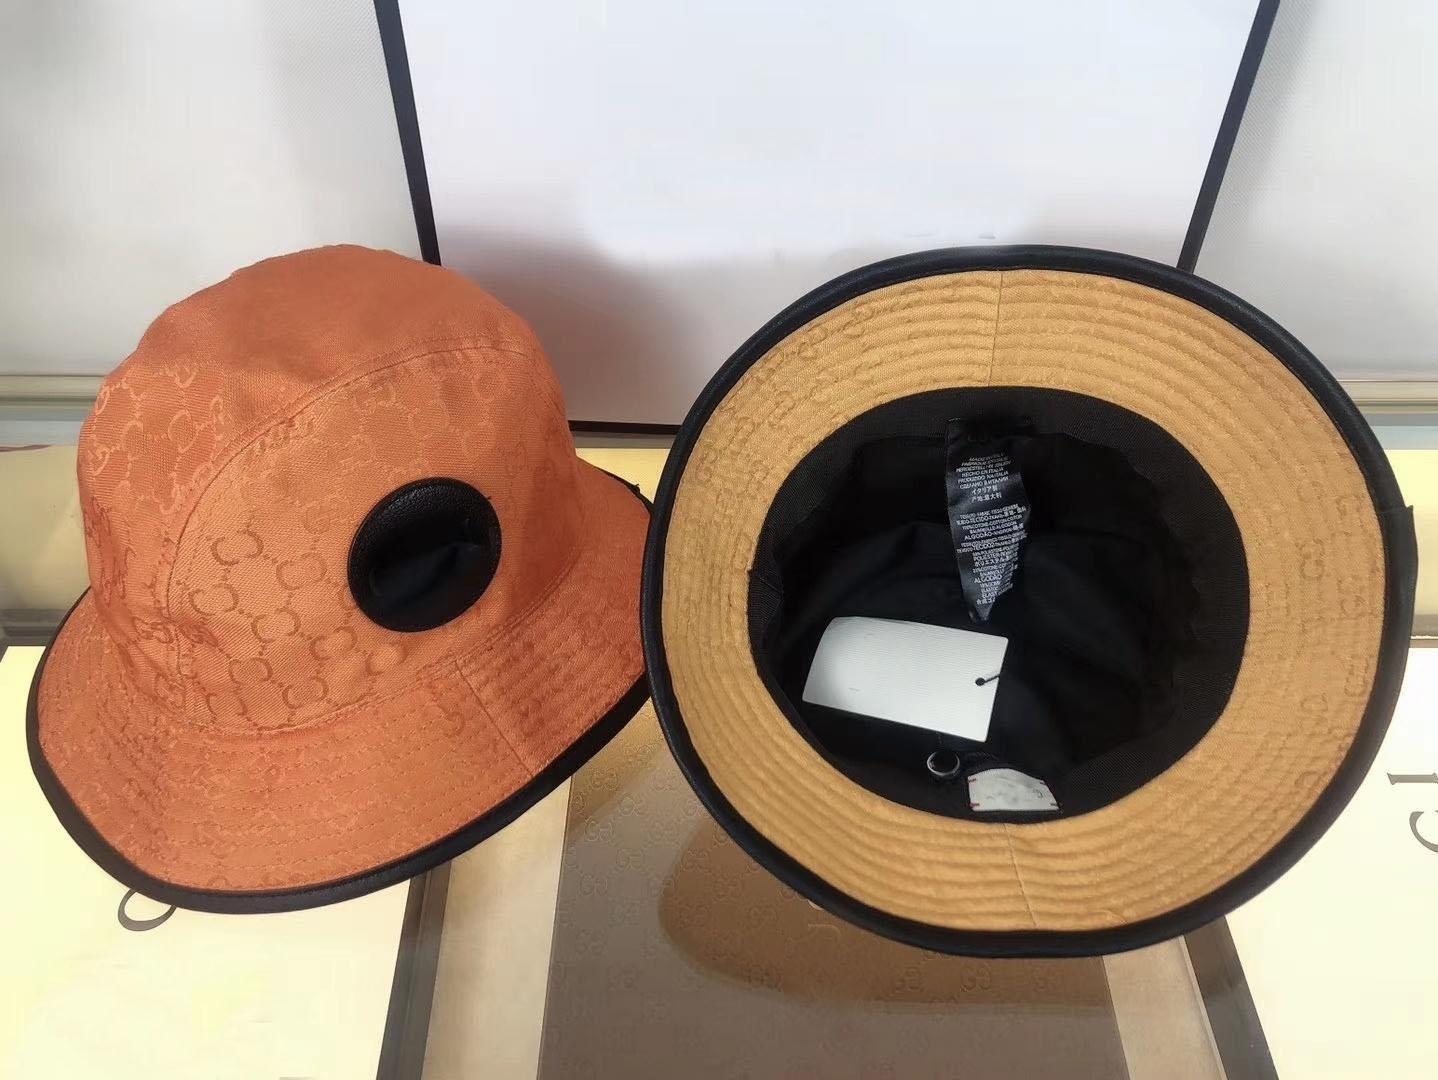 Уличная мода Fisherman Мужчины Женщины Группа Hat Designer Gold Складной Ковш Дизайнер Hat Уличная мода Snapback Спорт Мода Hat 2092503B